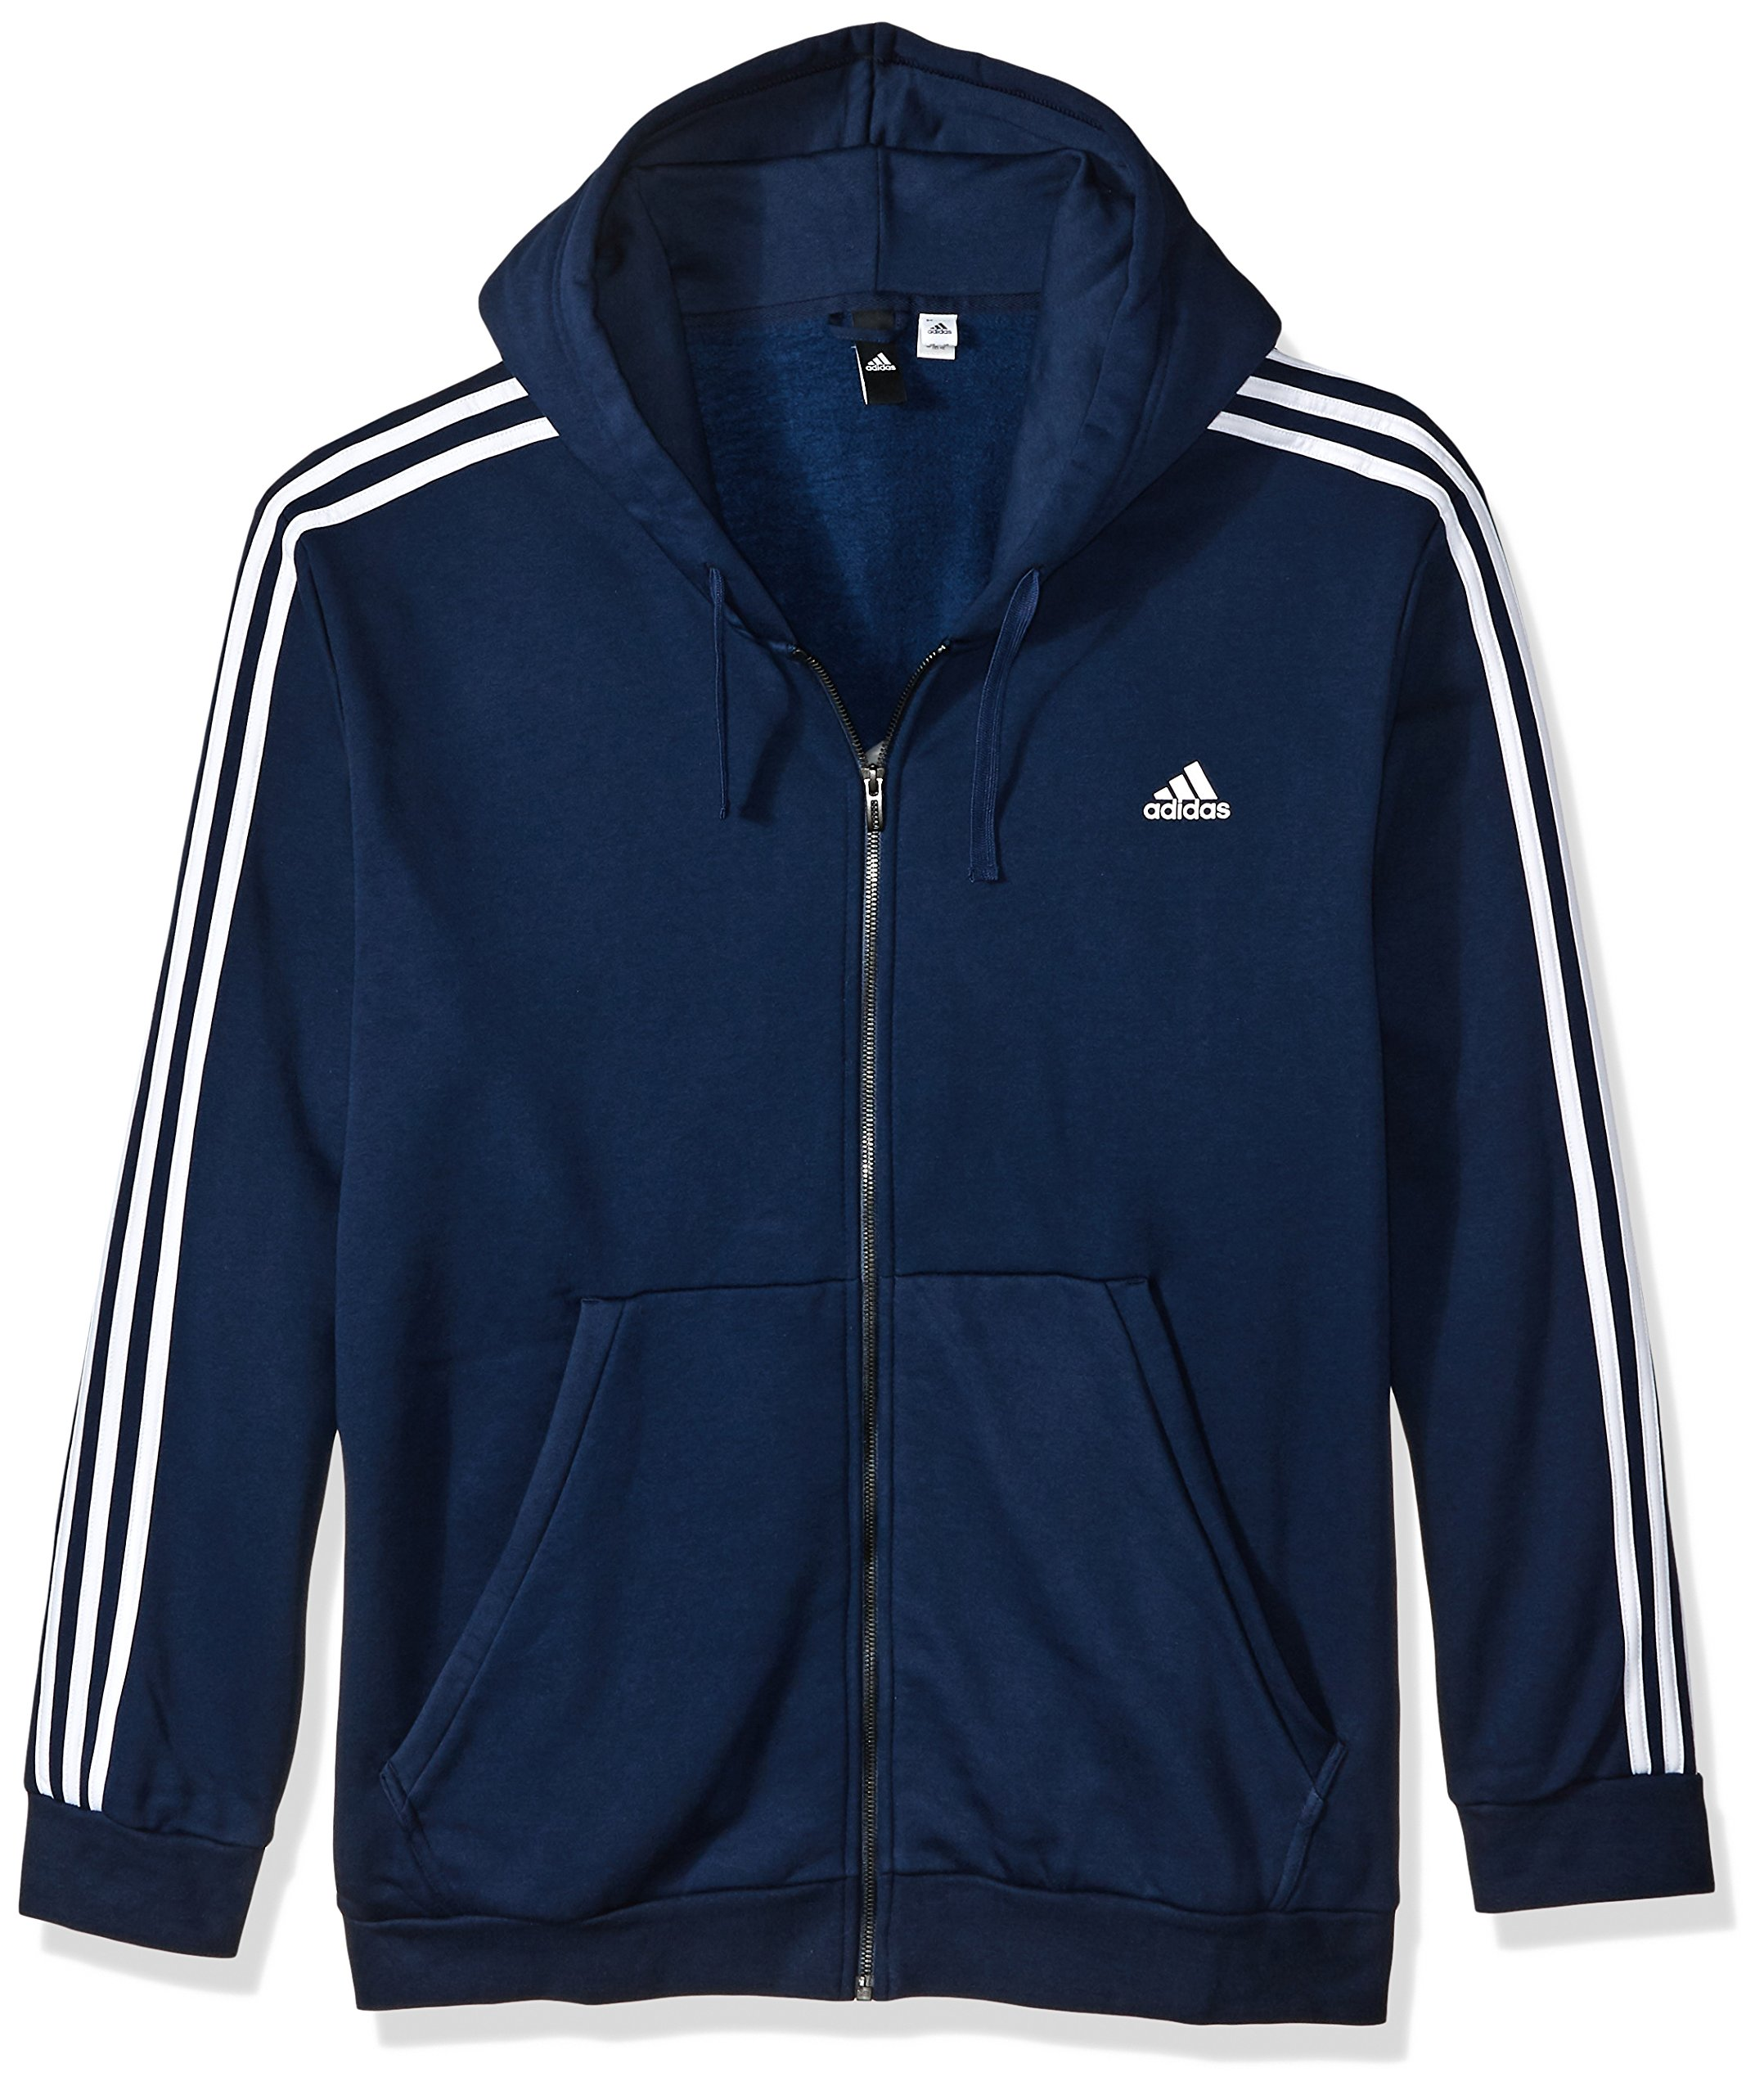 adidas Men's Athletics Essential Cotton 3 Stripe Full Zip Hoody, Collegiate Navy/White, 3X-Large